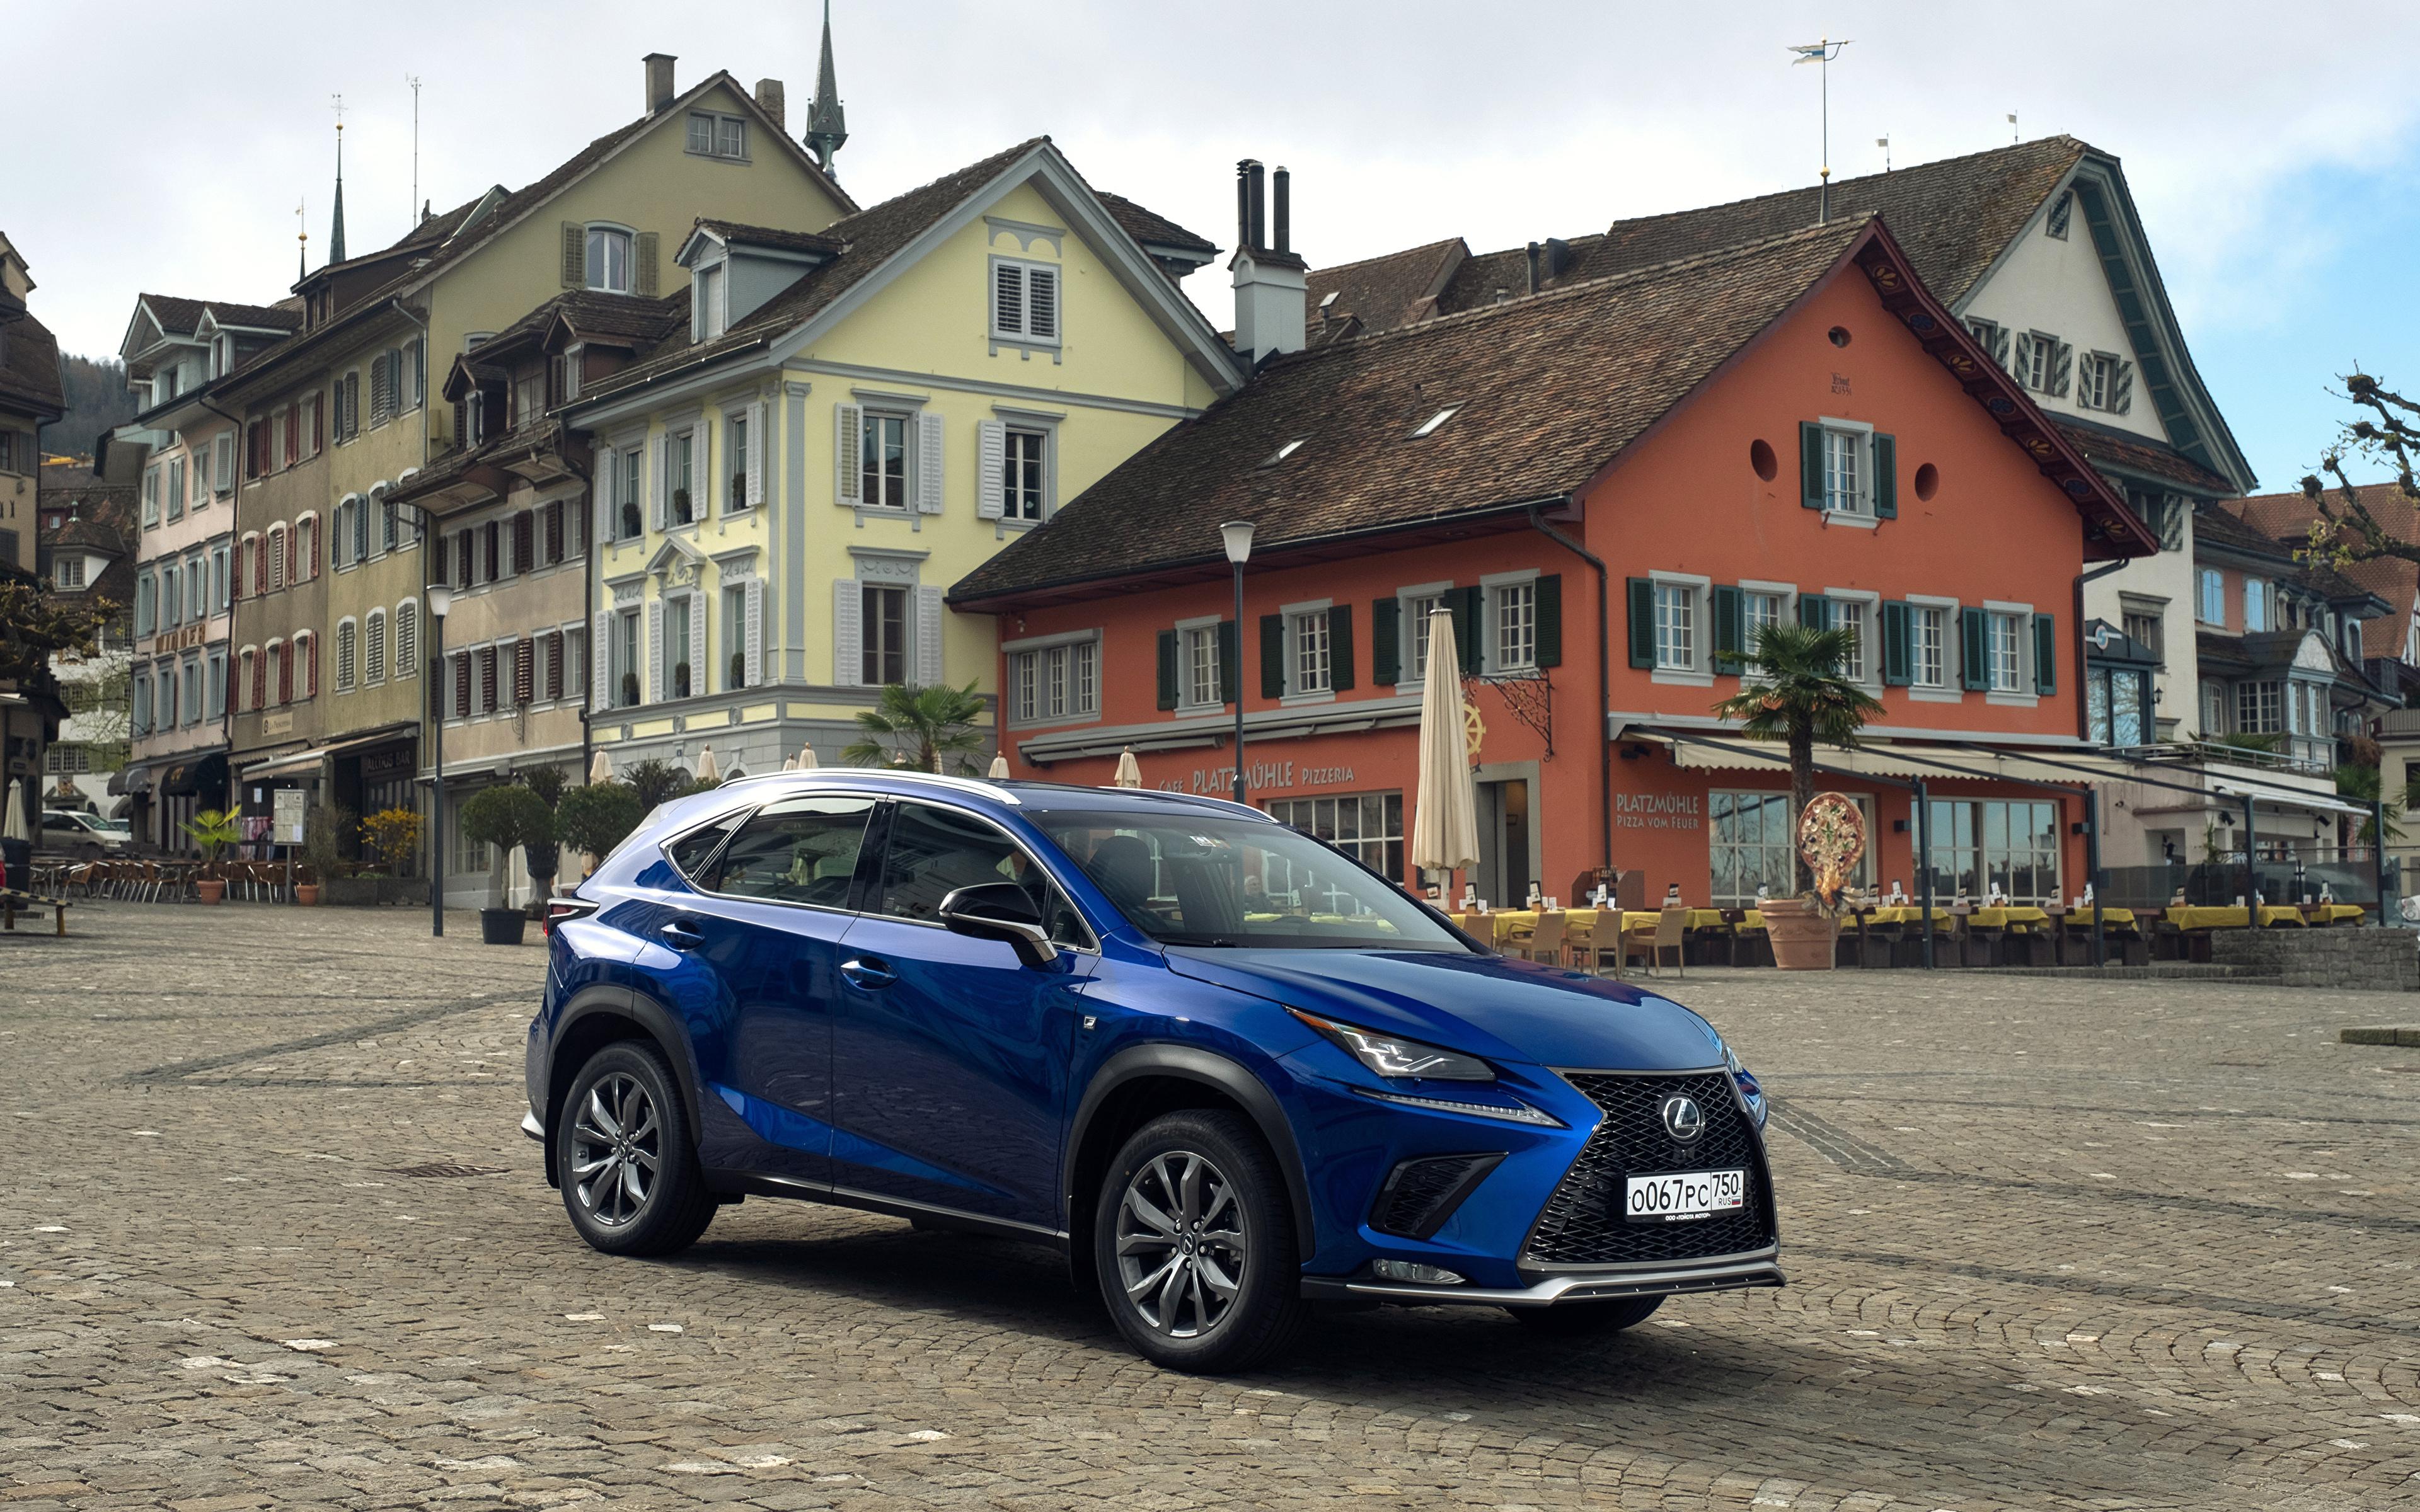 Картинка Лексус 2017-18 NX 300 F SPORT Worldwide синяя авто Металлик 3840x2400 Lexus синих синие Синий машина машины автомобиль Автомобили